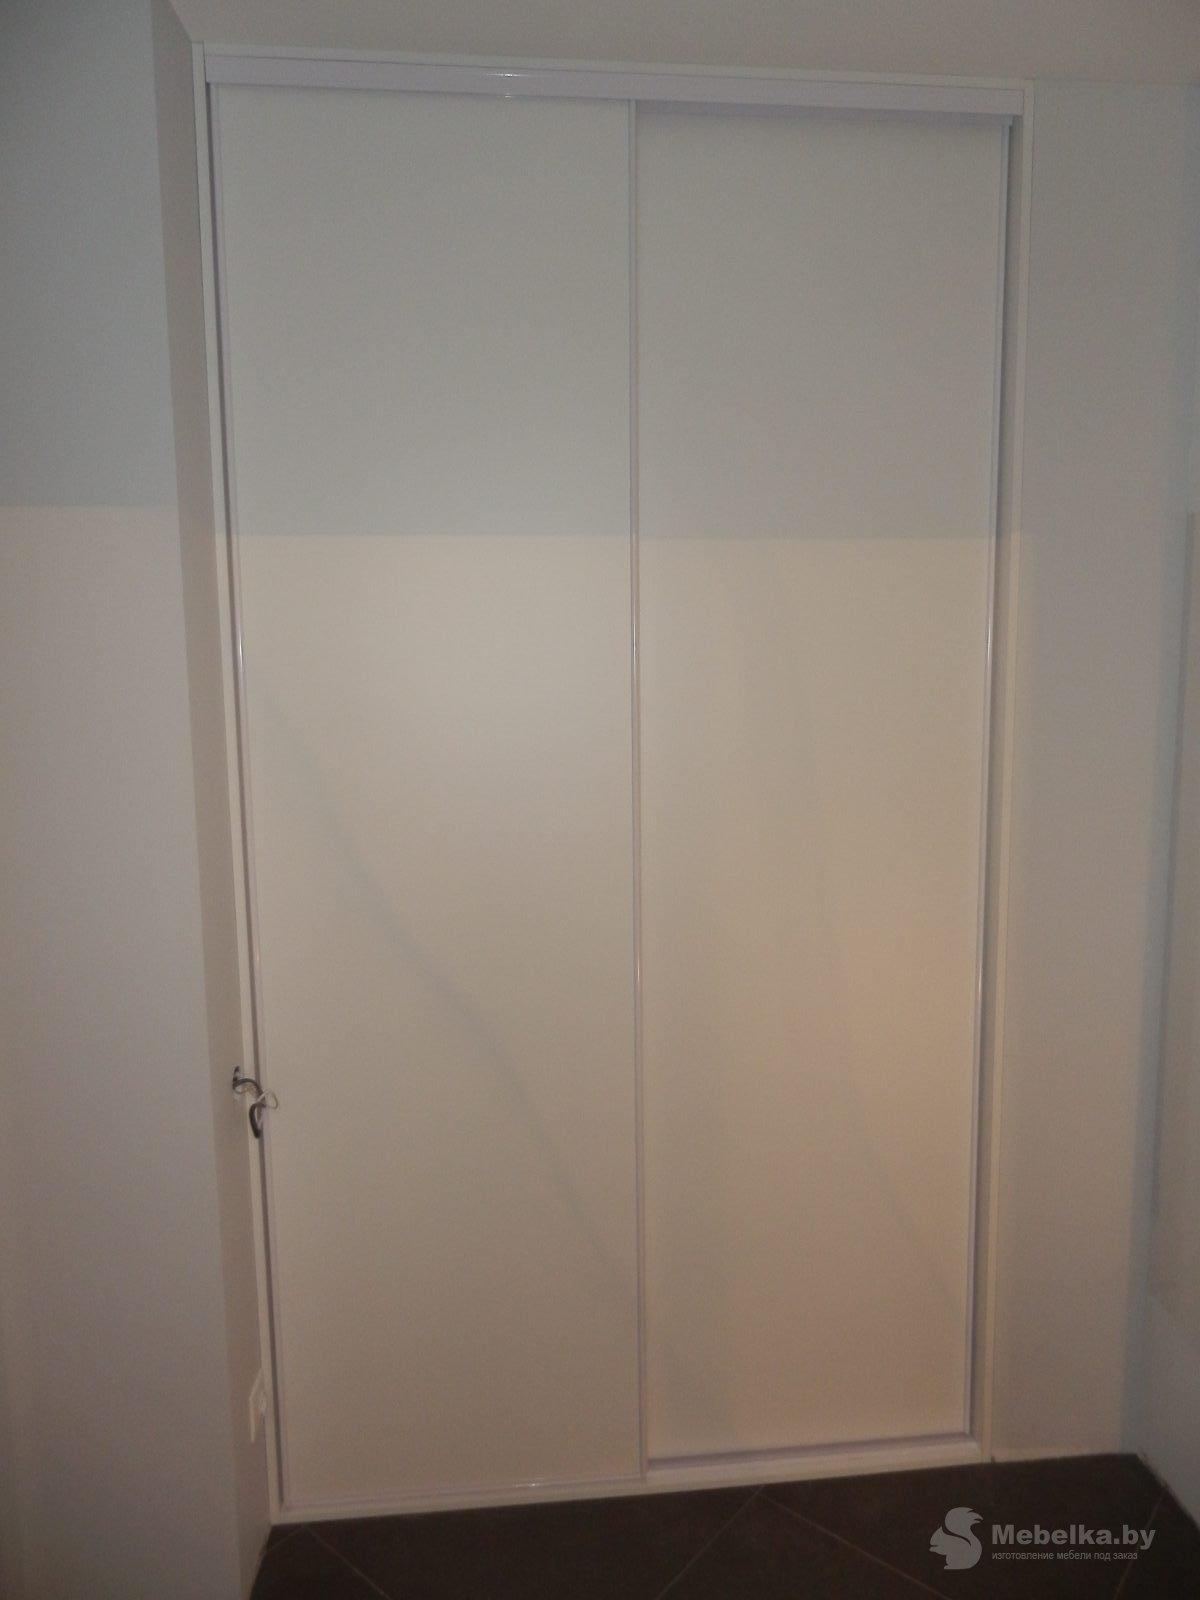 белые двери-купе гардероной, второй вид